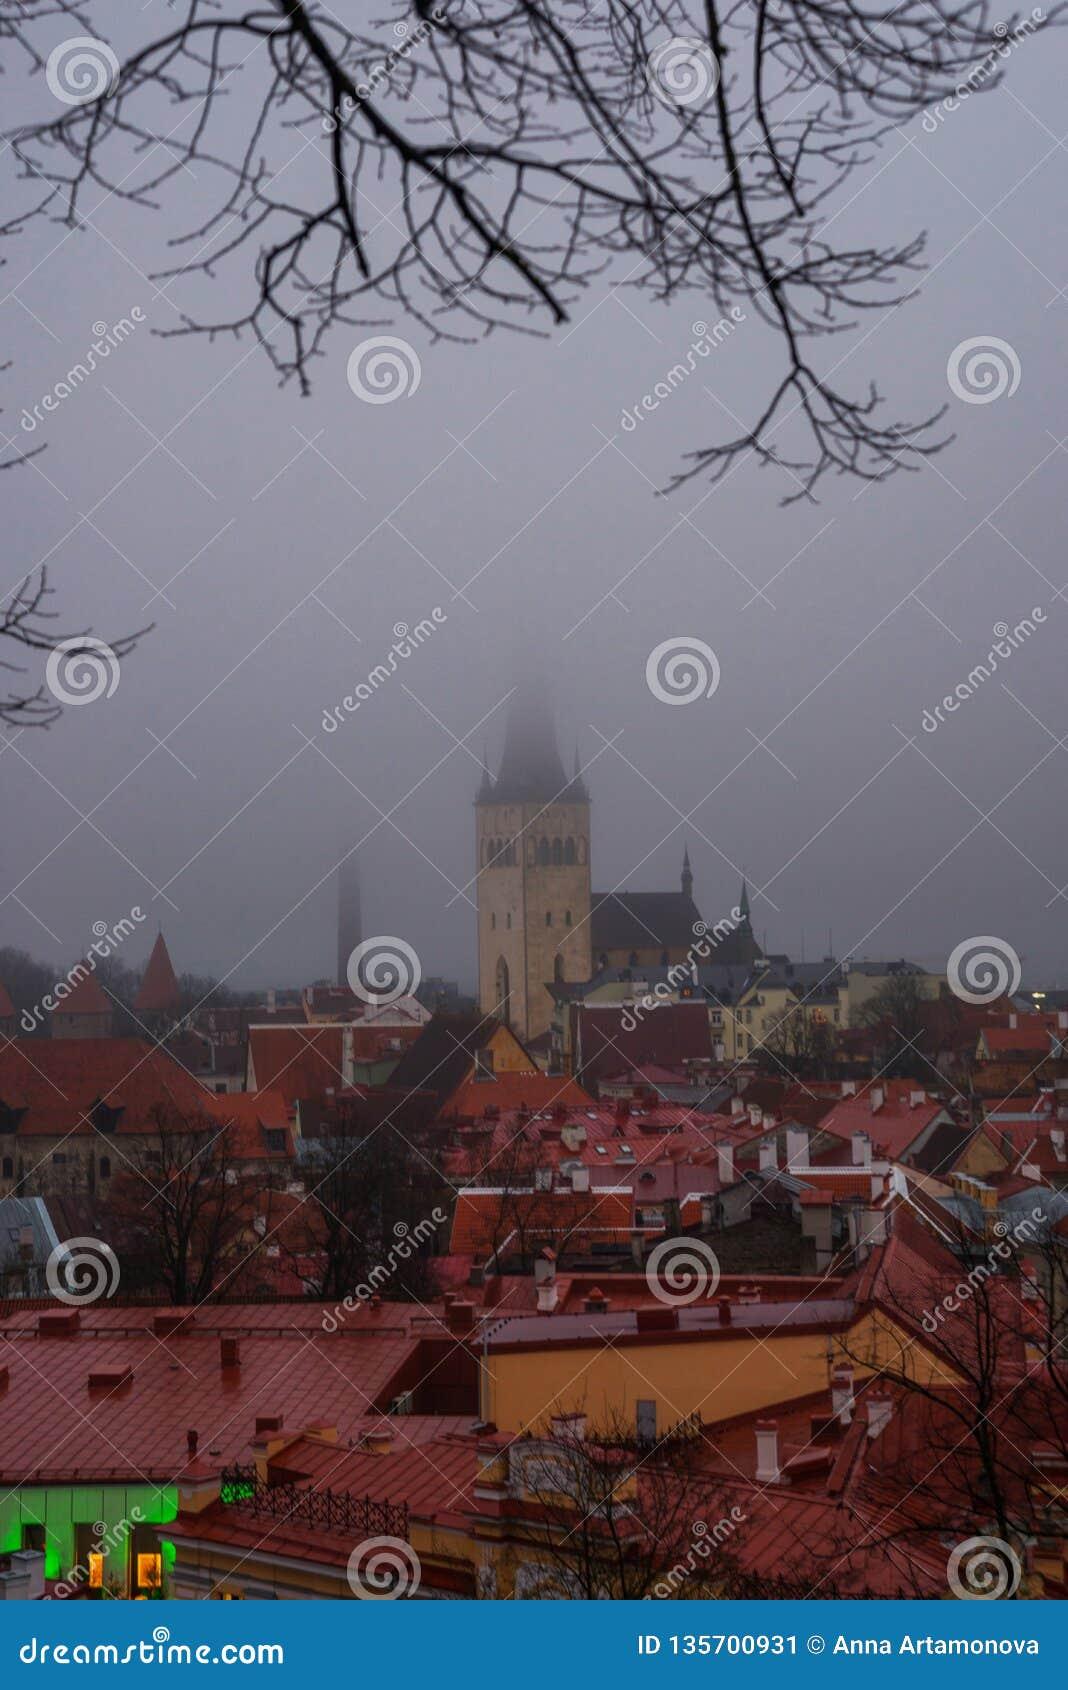 Таллин, Эстония: Церковь St Olaf Воздушный городской пейзаж со средневековым старым городком, ландшафт с панорамой города в туман